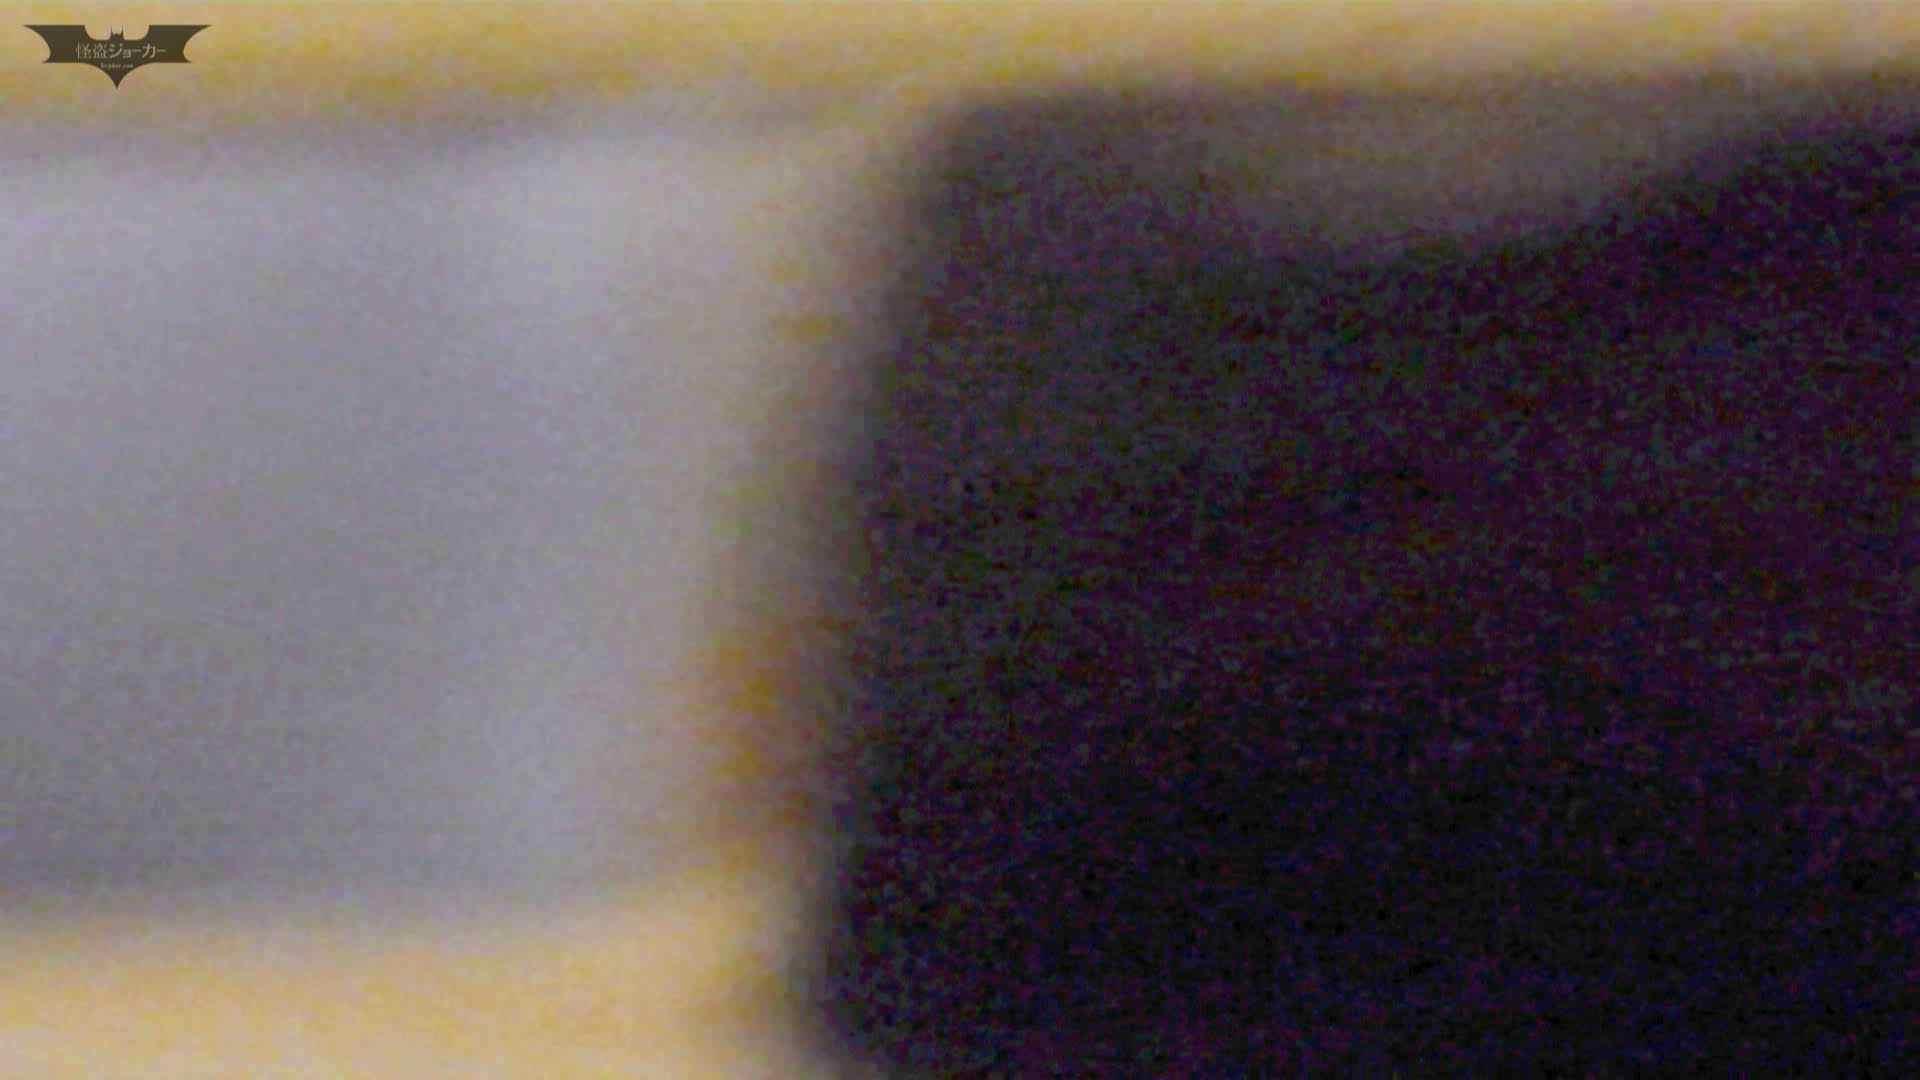 無修正エロ動画|新世界の射窓 No69 身近にいそうな感じの子集めてみました。|怪盗ジョーカー